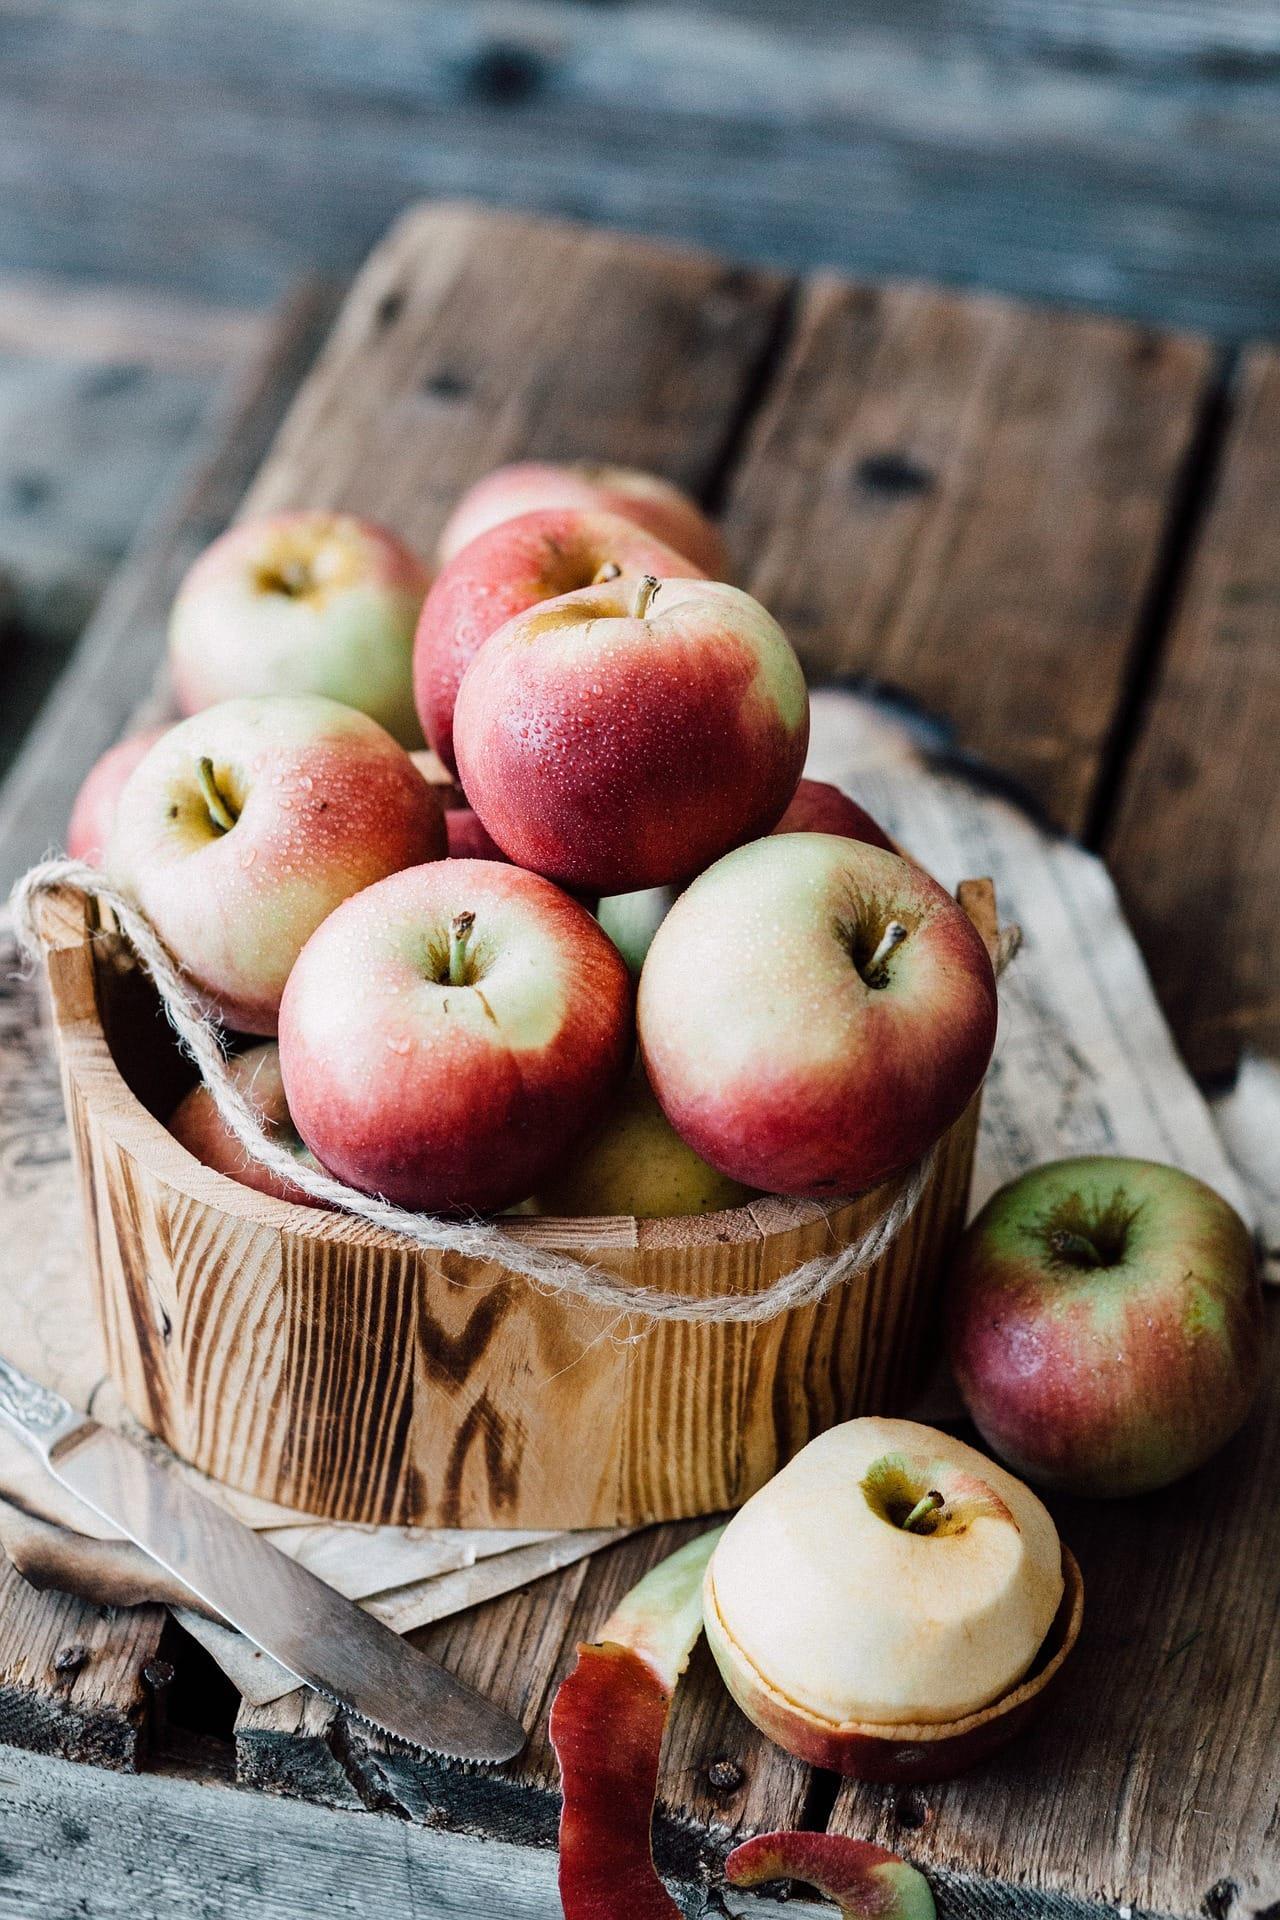 Fotografía culinaria de unas manzanas